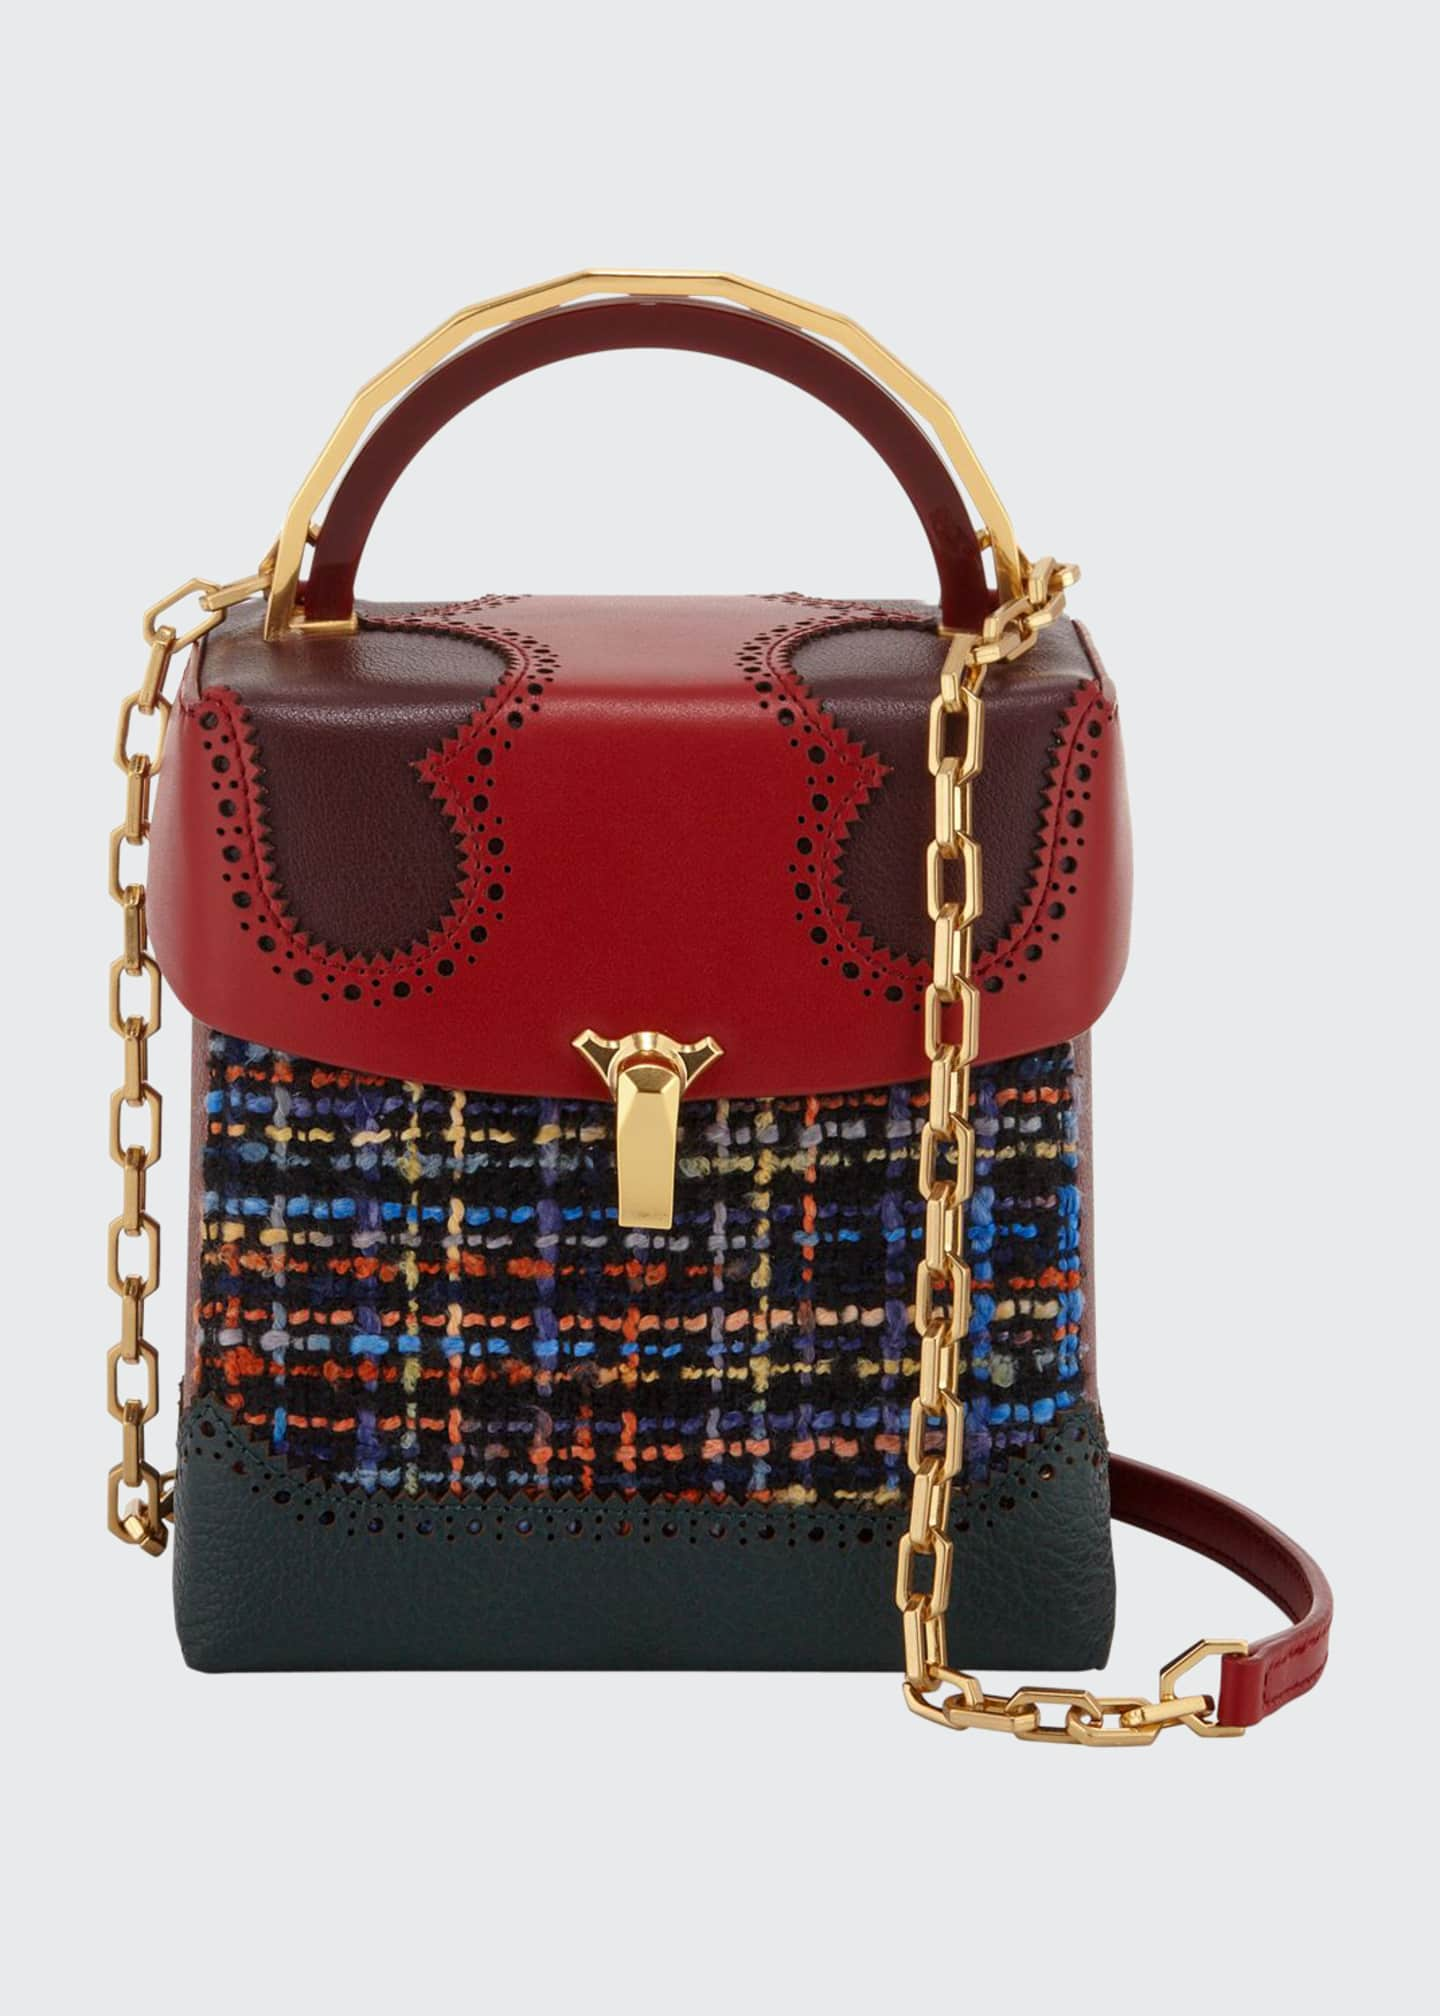 The Volon Alice Tweed Great Shoulder Bag